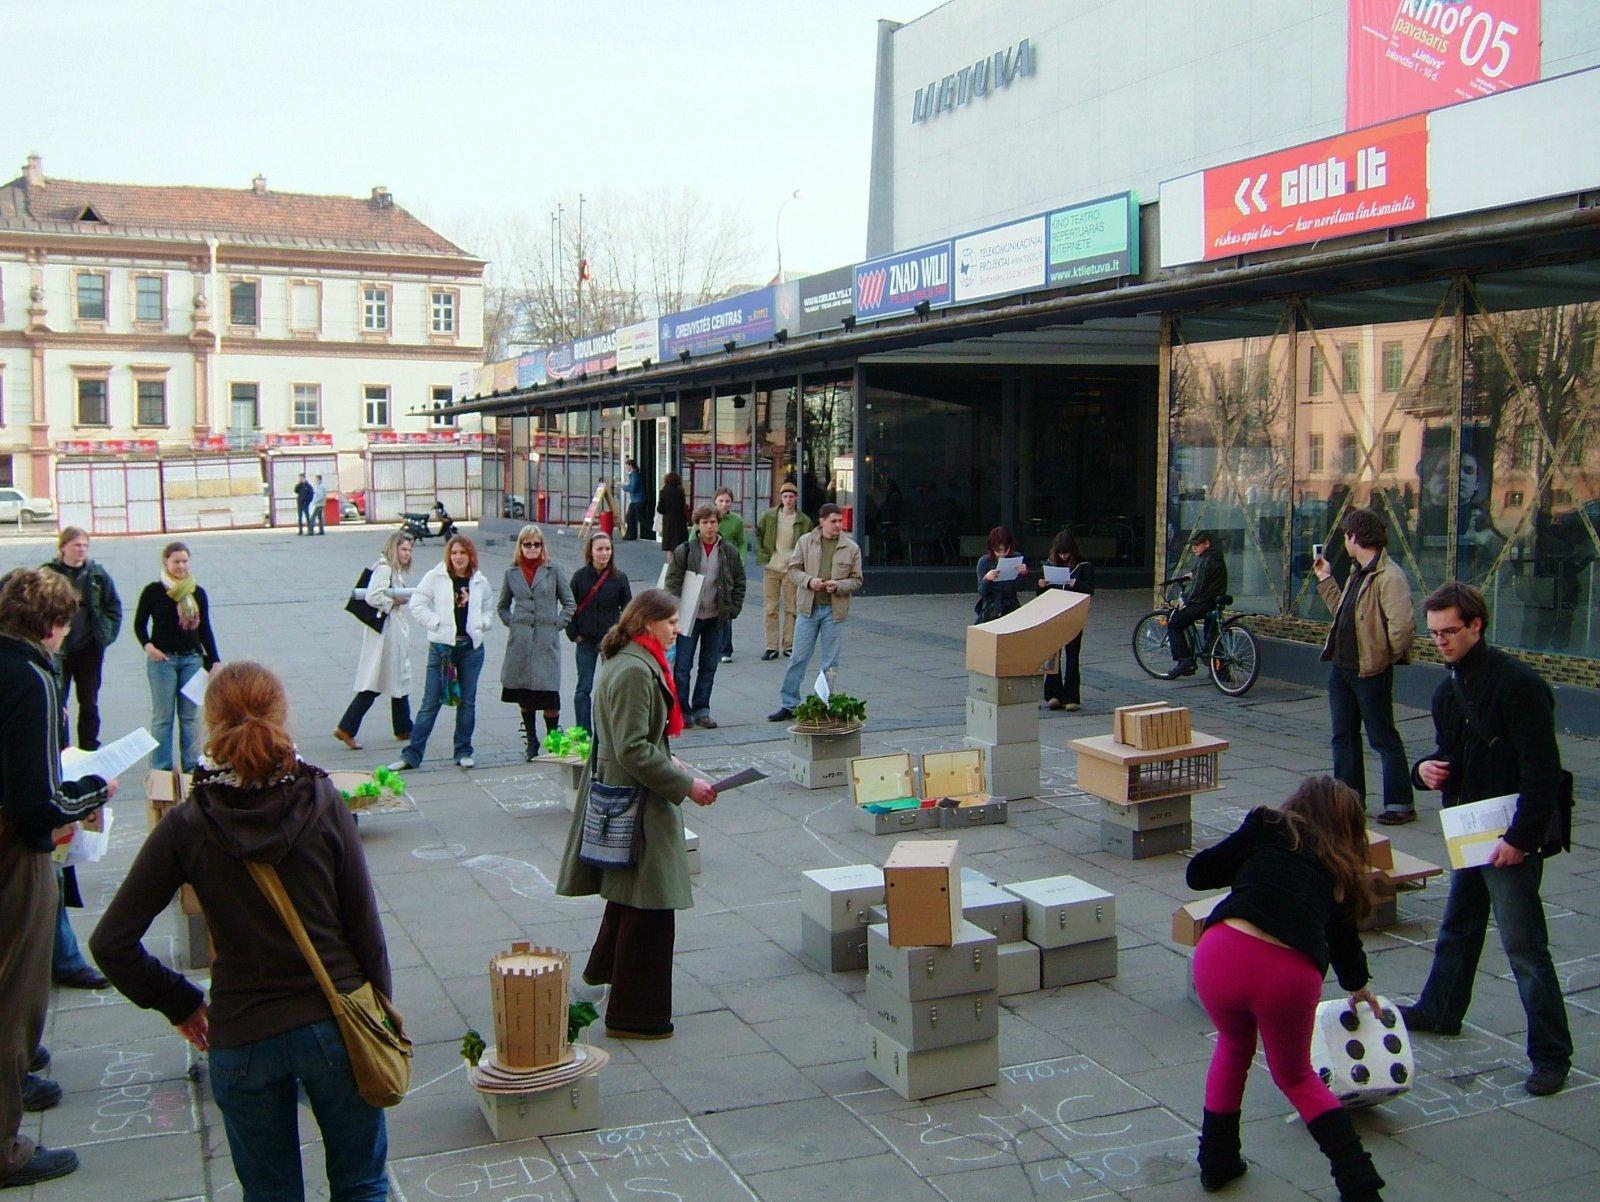 """Protesto laboratorija. """"VIP turgus"""", kur tapus VIP kapitalistu galima varžytis dėl teisės įsigyti miesto objektus, 2005. Nomedos ir Gedimino Urbonų nuotr."""